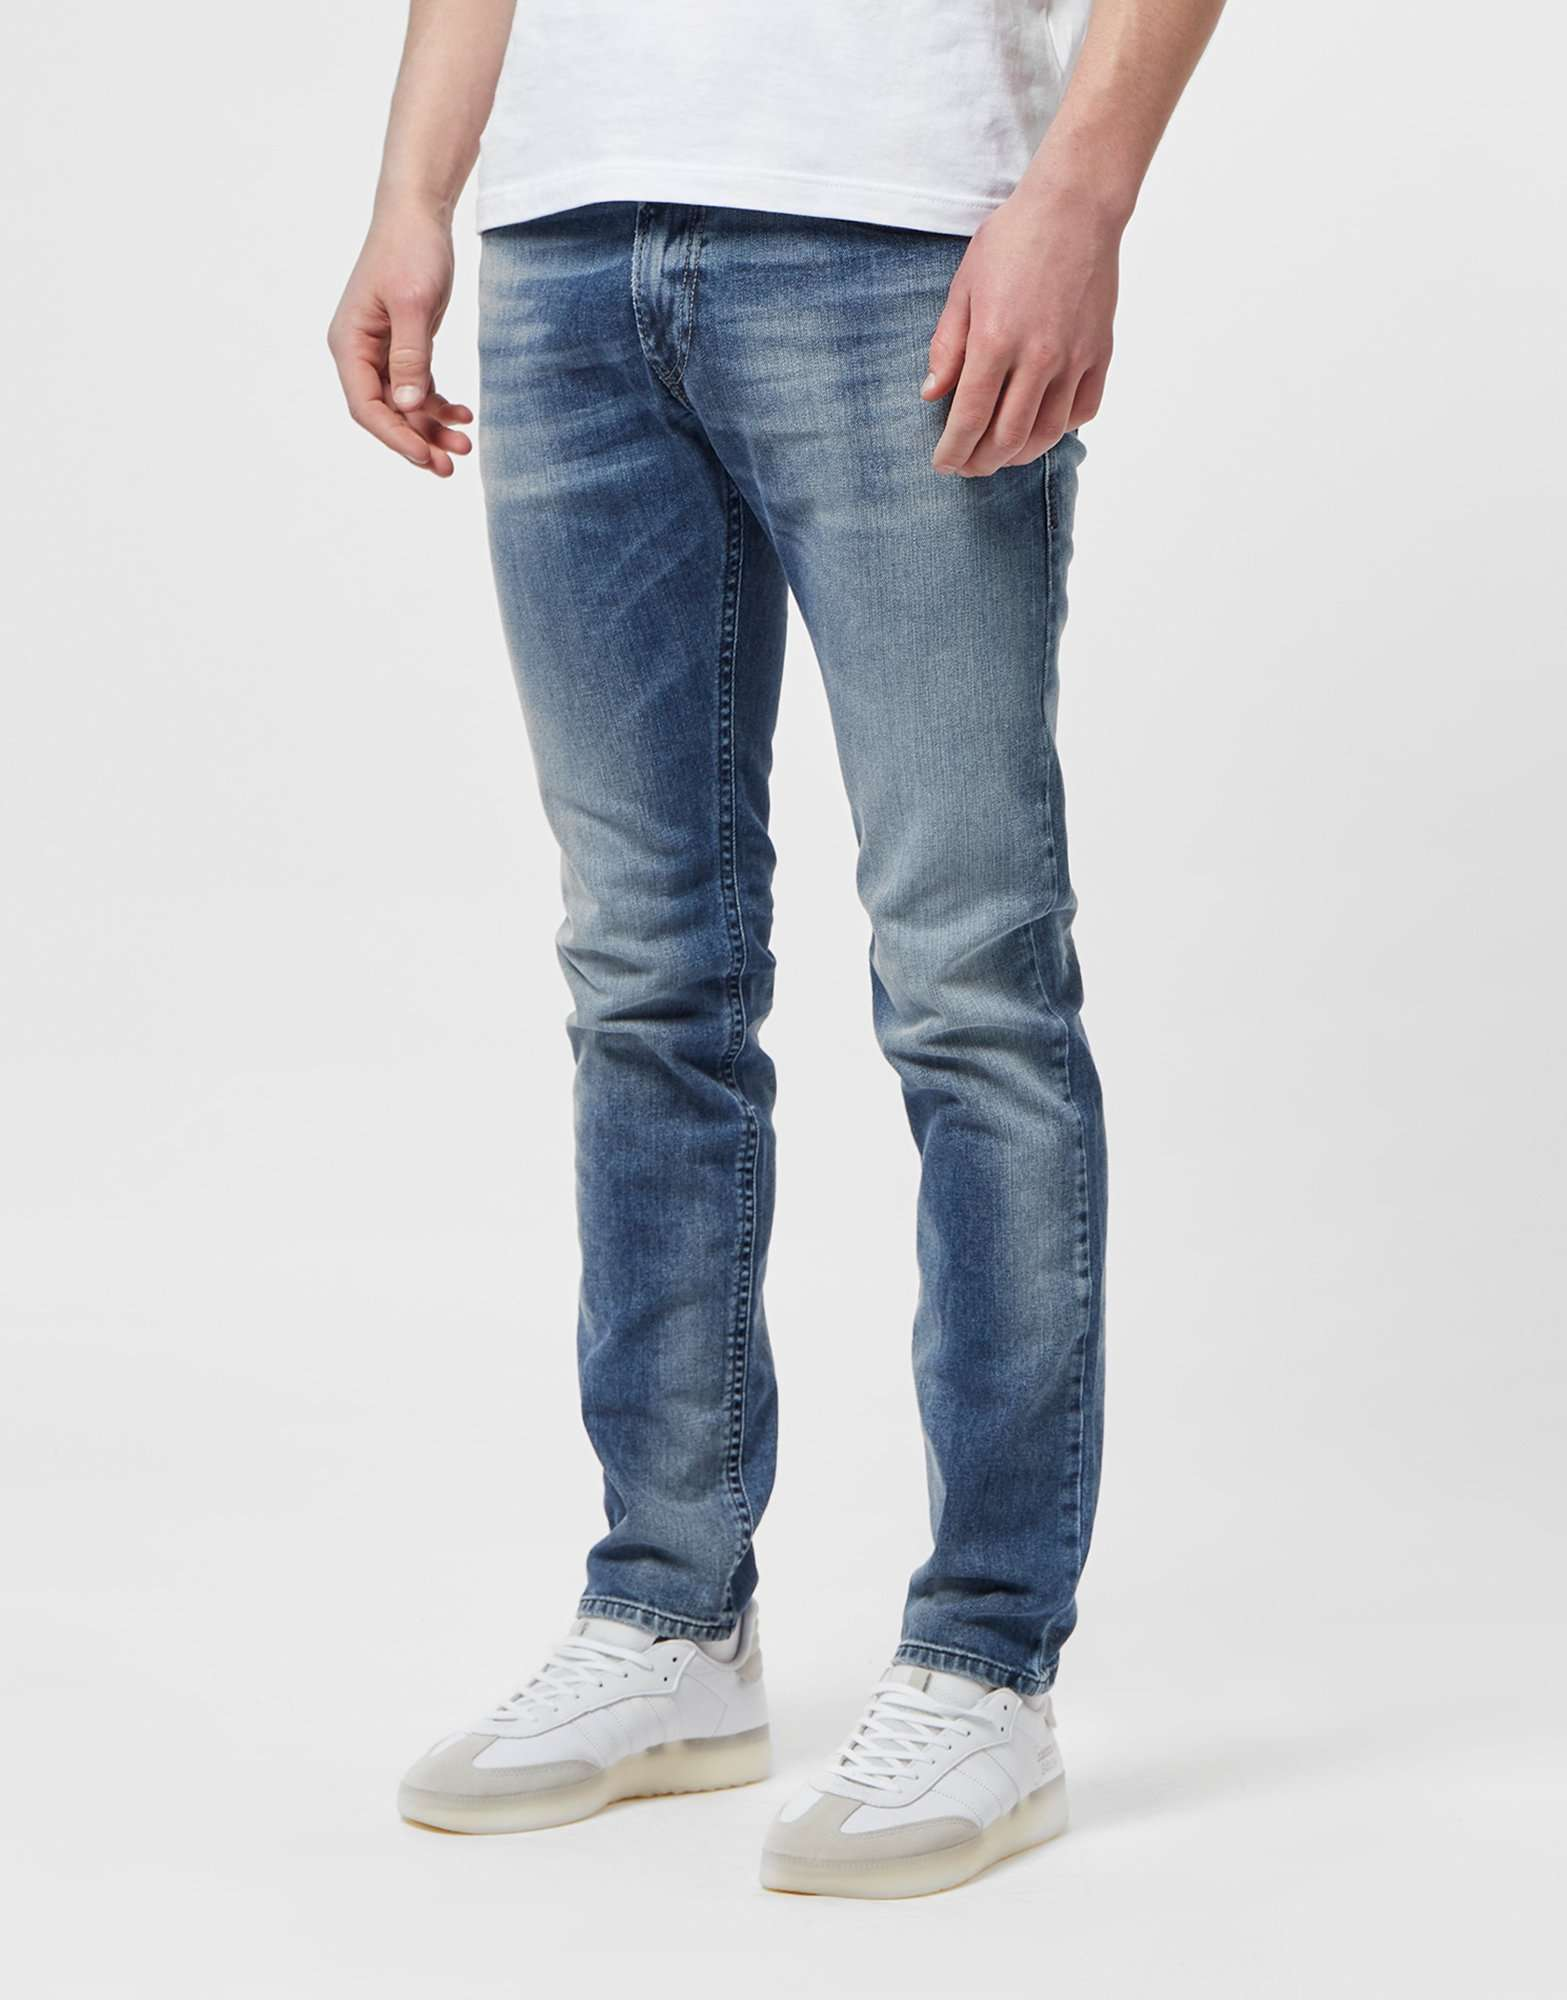 Diesel Thommer Restart Slim Jeans - Online Exclusive